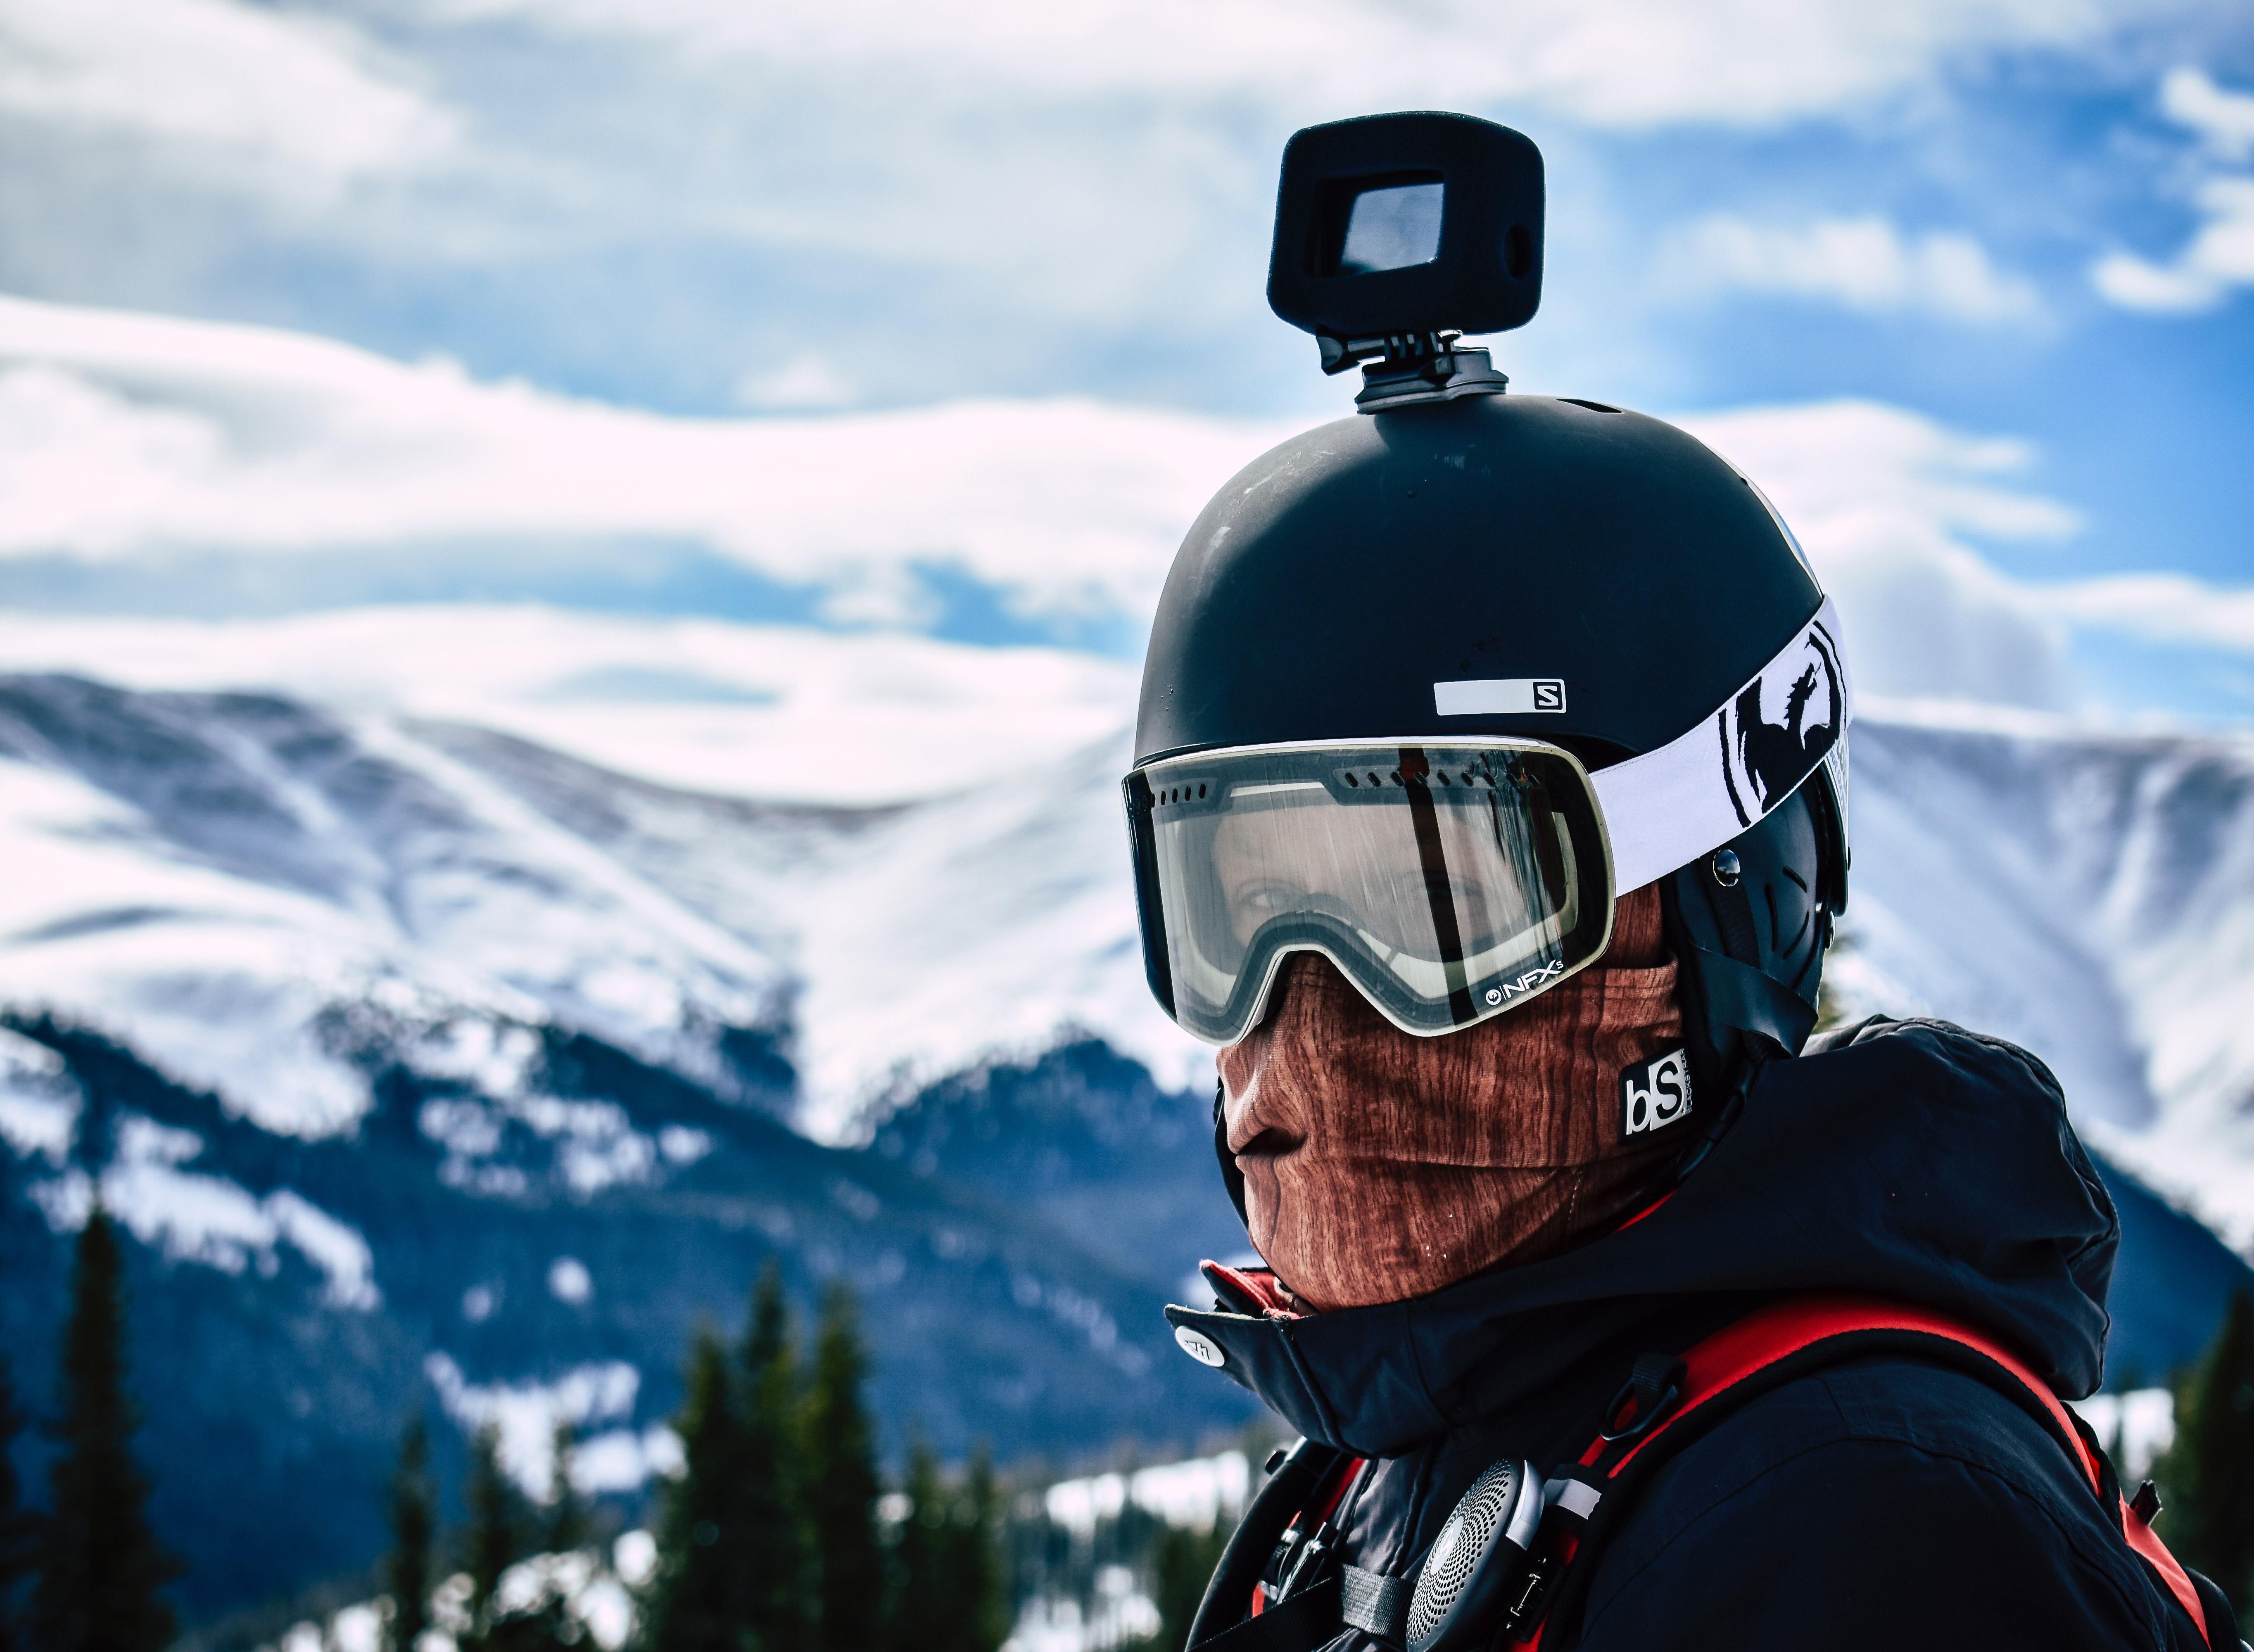 Wie man 360 Grad Fotos macht (und sie online stellt)